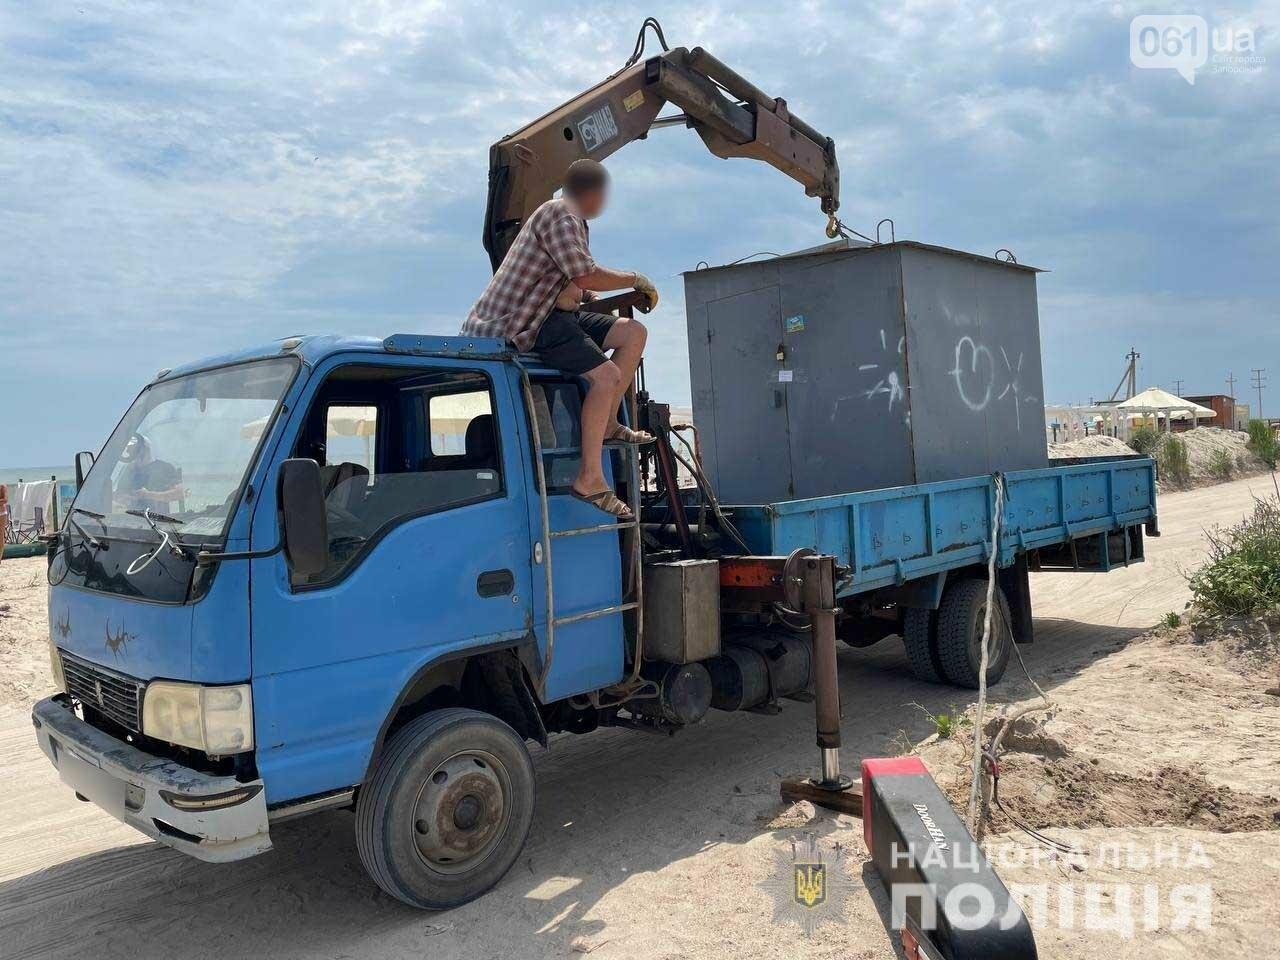 2 60d893bfa79eb - Запорожская полиция демонтировала незаконный шлагбаум на острове Бирючий, - ФОТО